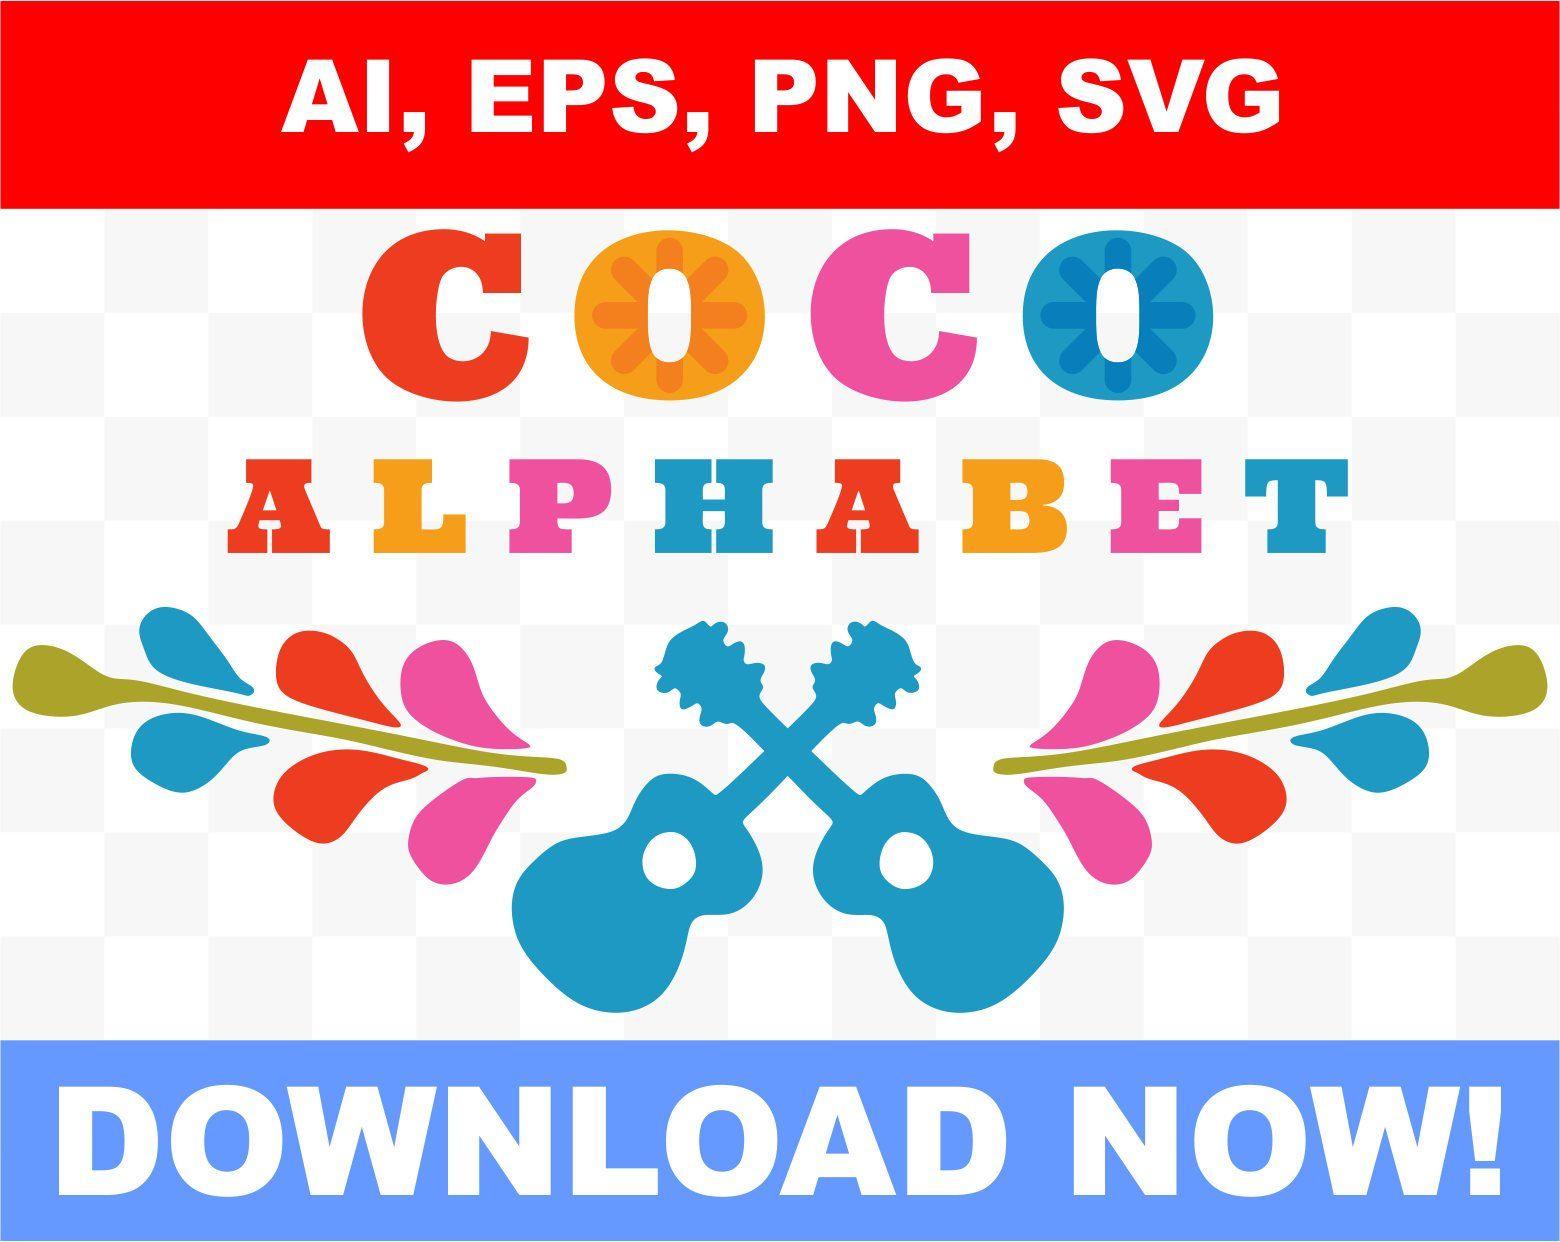 Alfabeto Inspirado en la pelicula Coco de disney, numeros